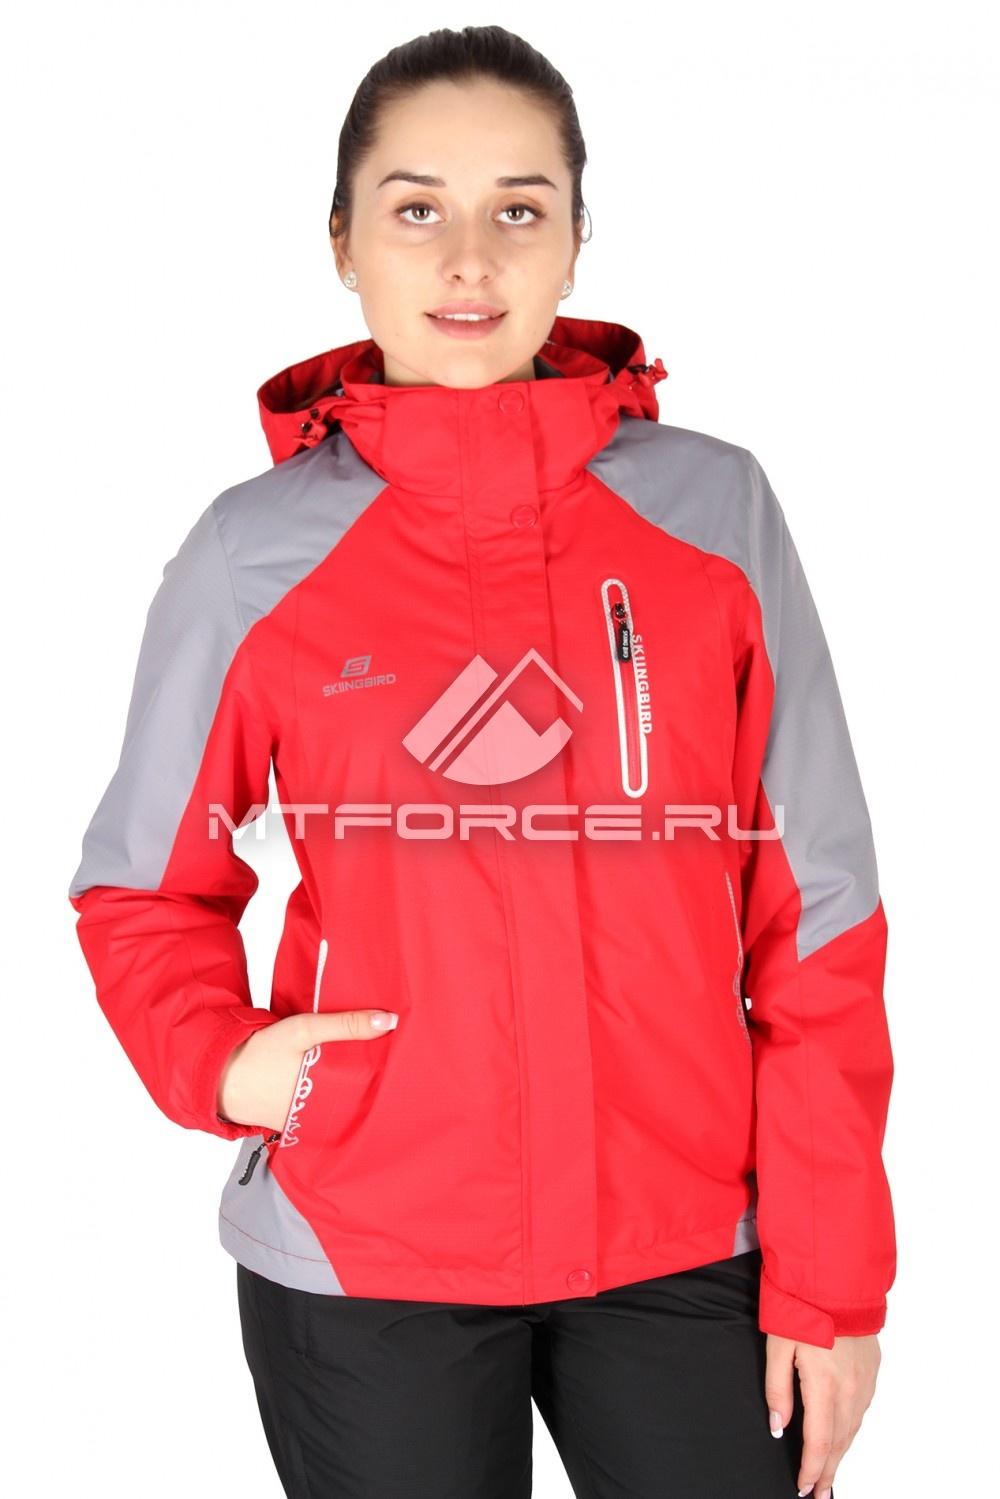 Купить                                  оптом Куртка спортивная женская весна красного цвета 1610Kr